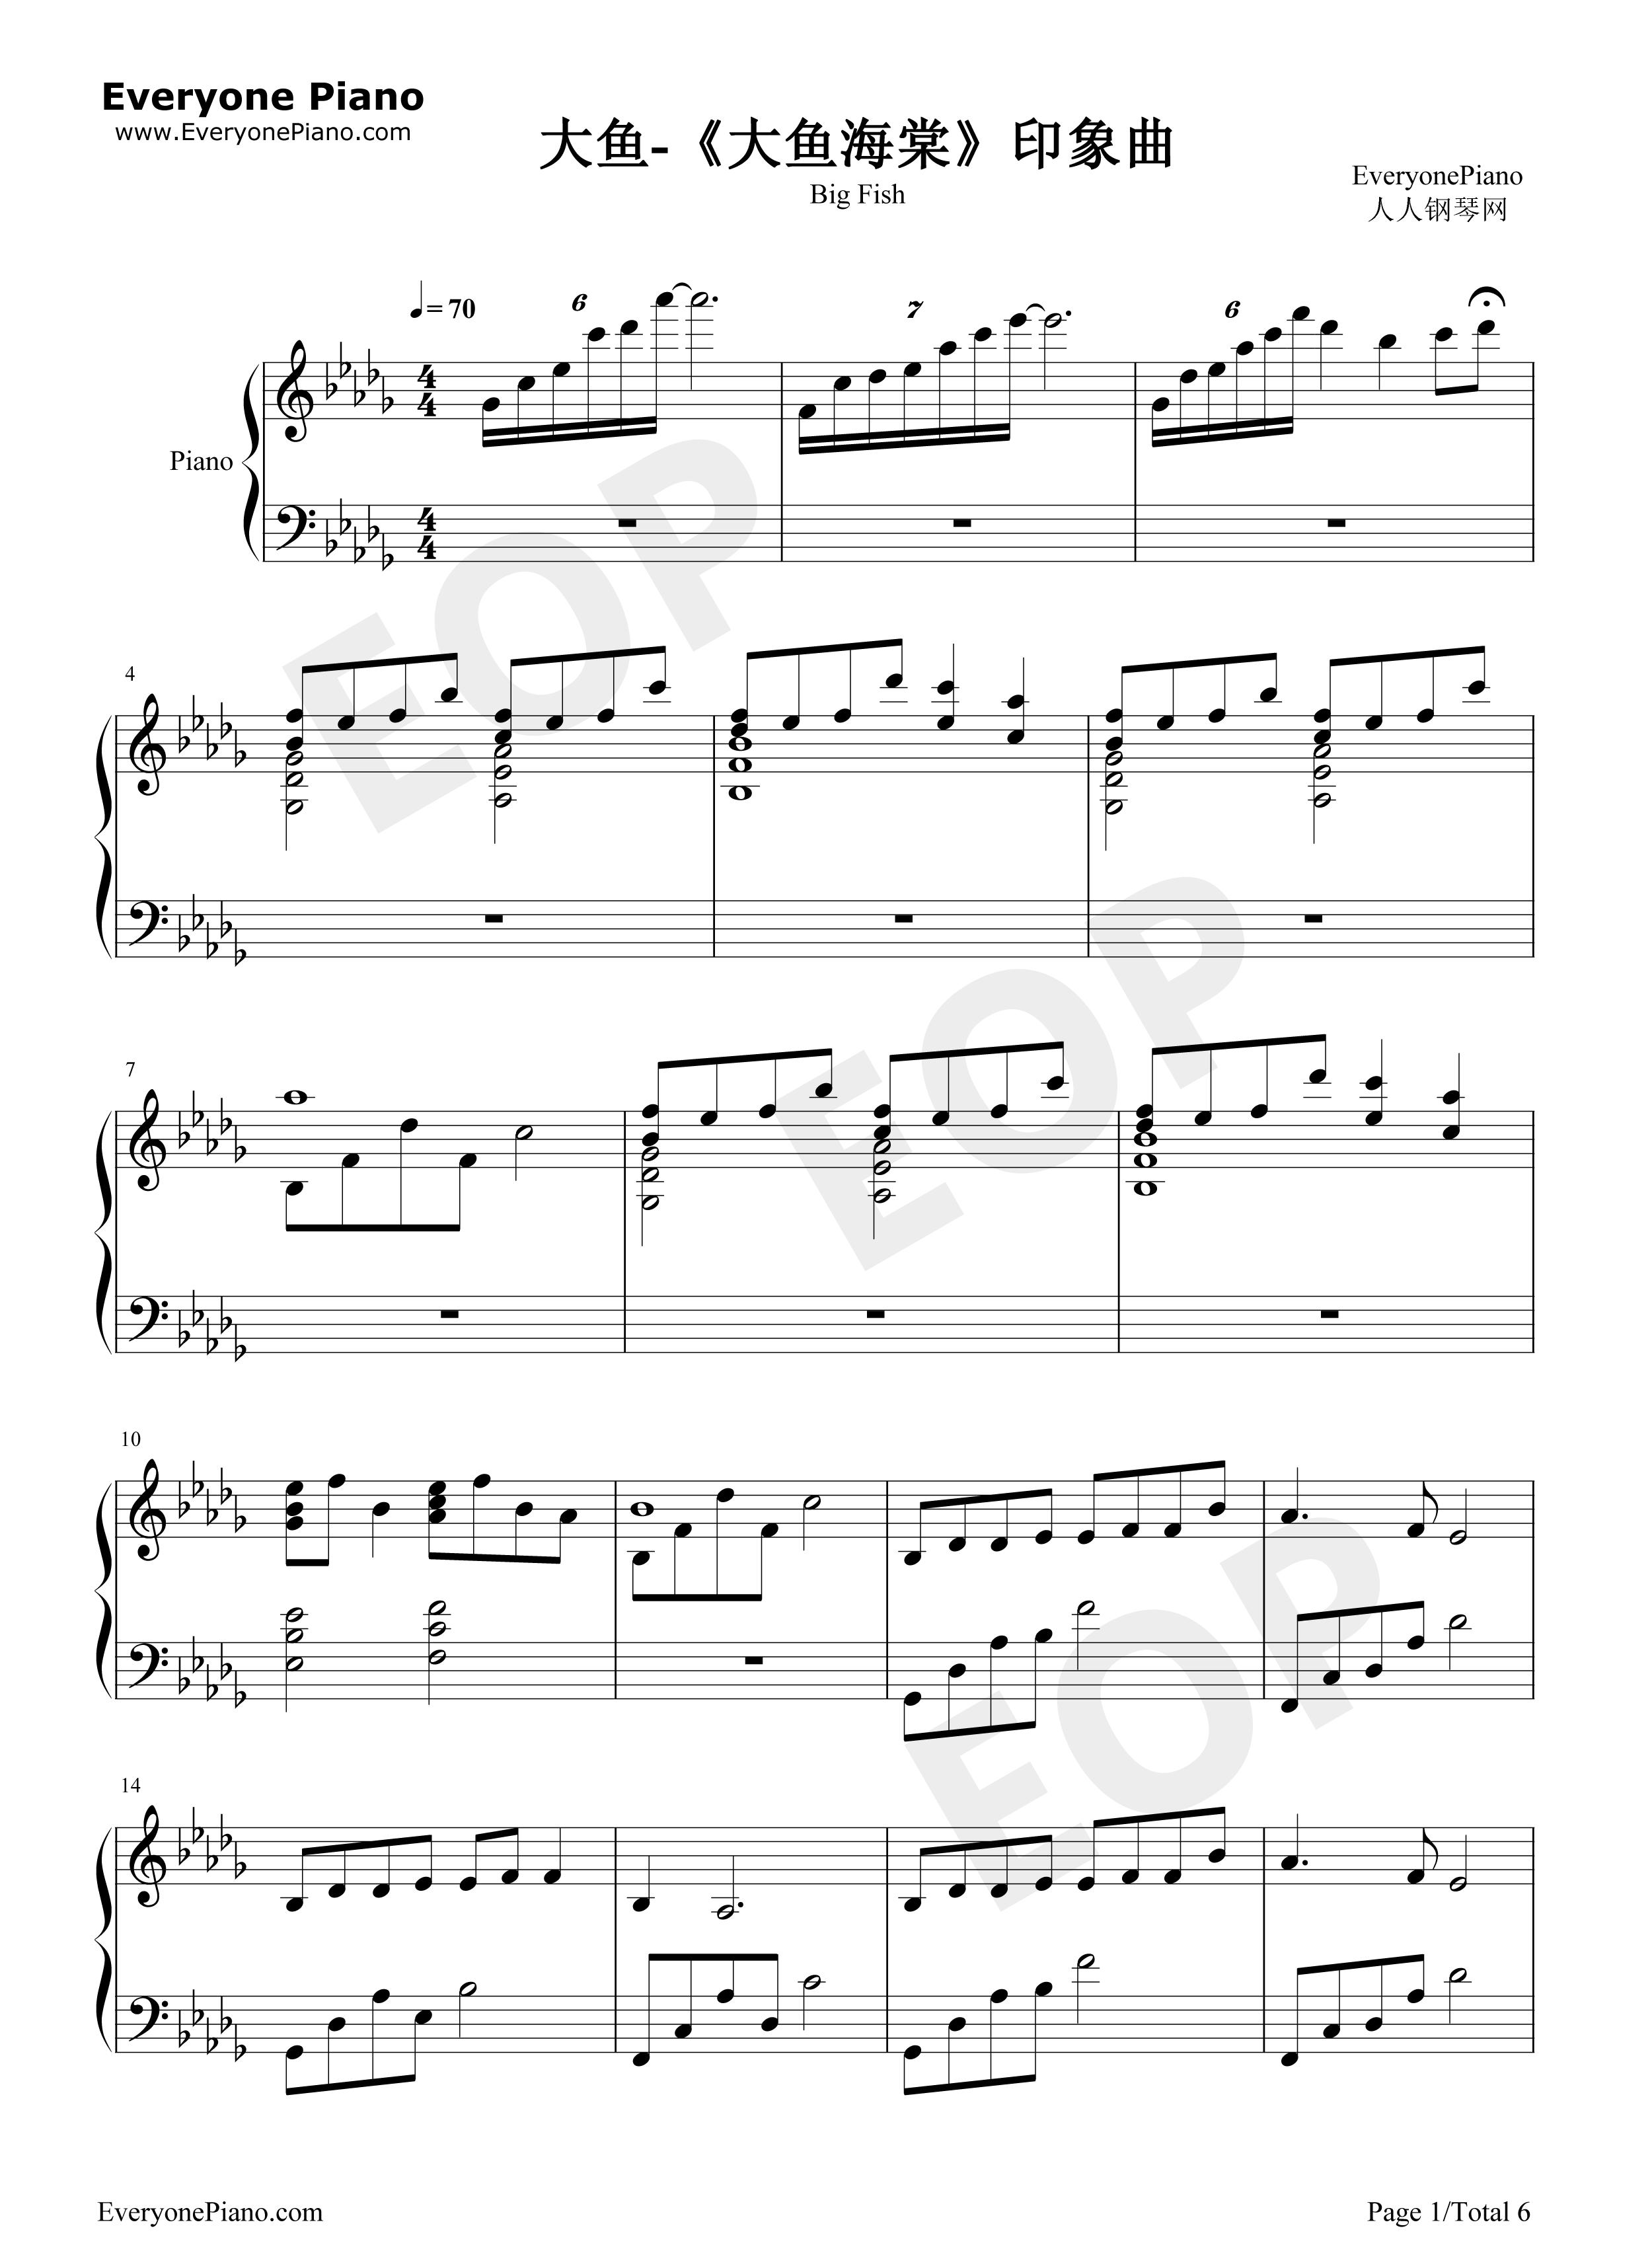 大鱼-周深五线谱预览1-钢琴谱(五线谱,双手简谱)免费图片